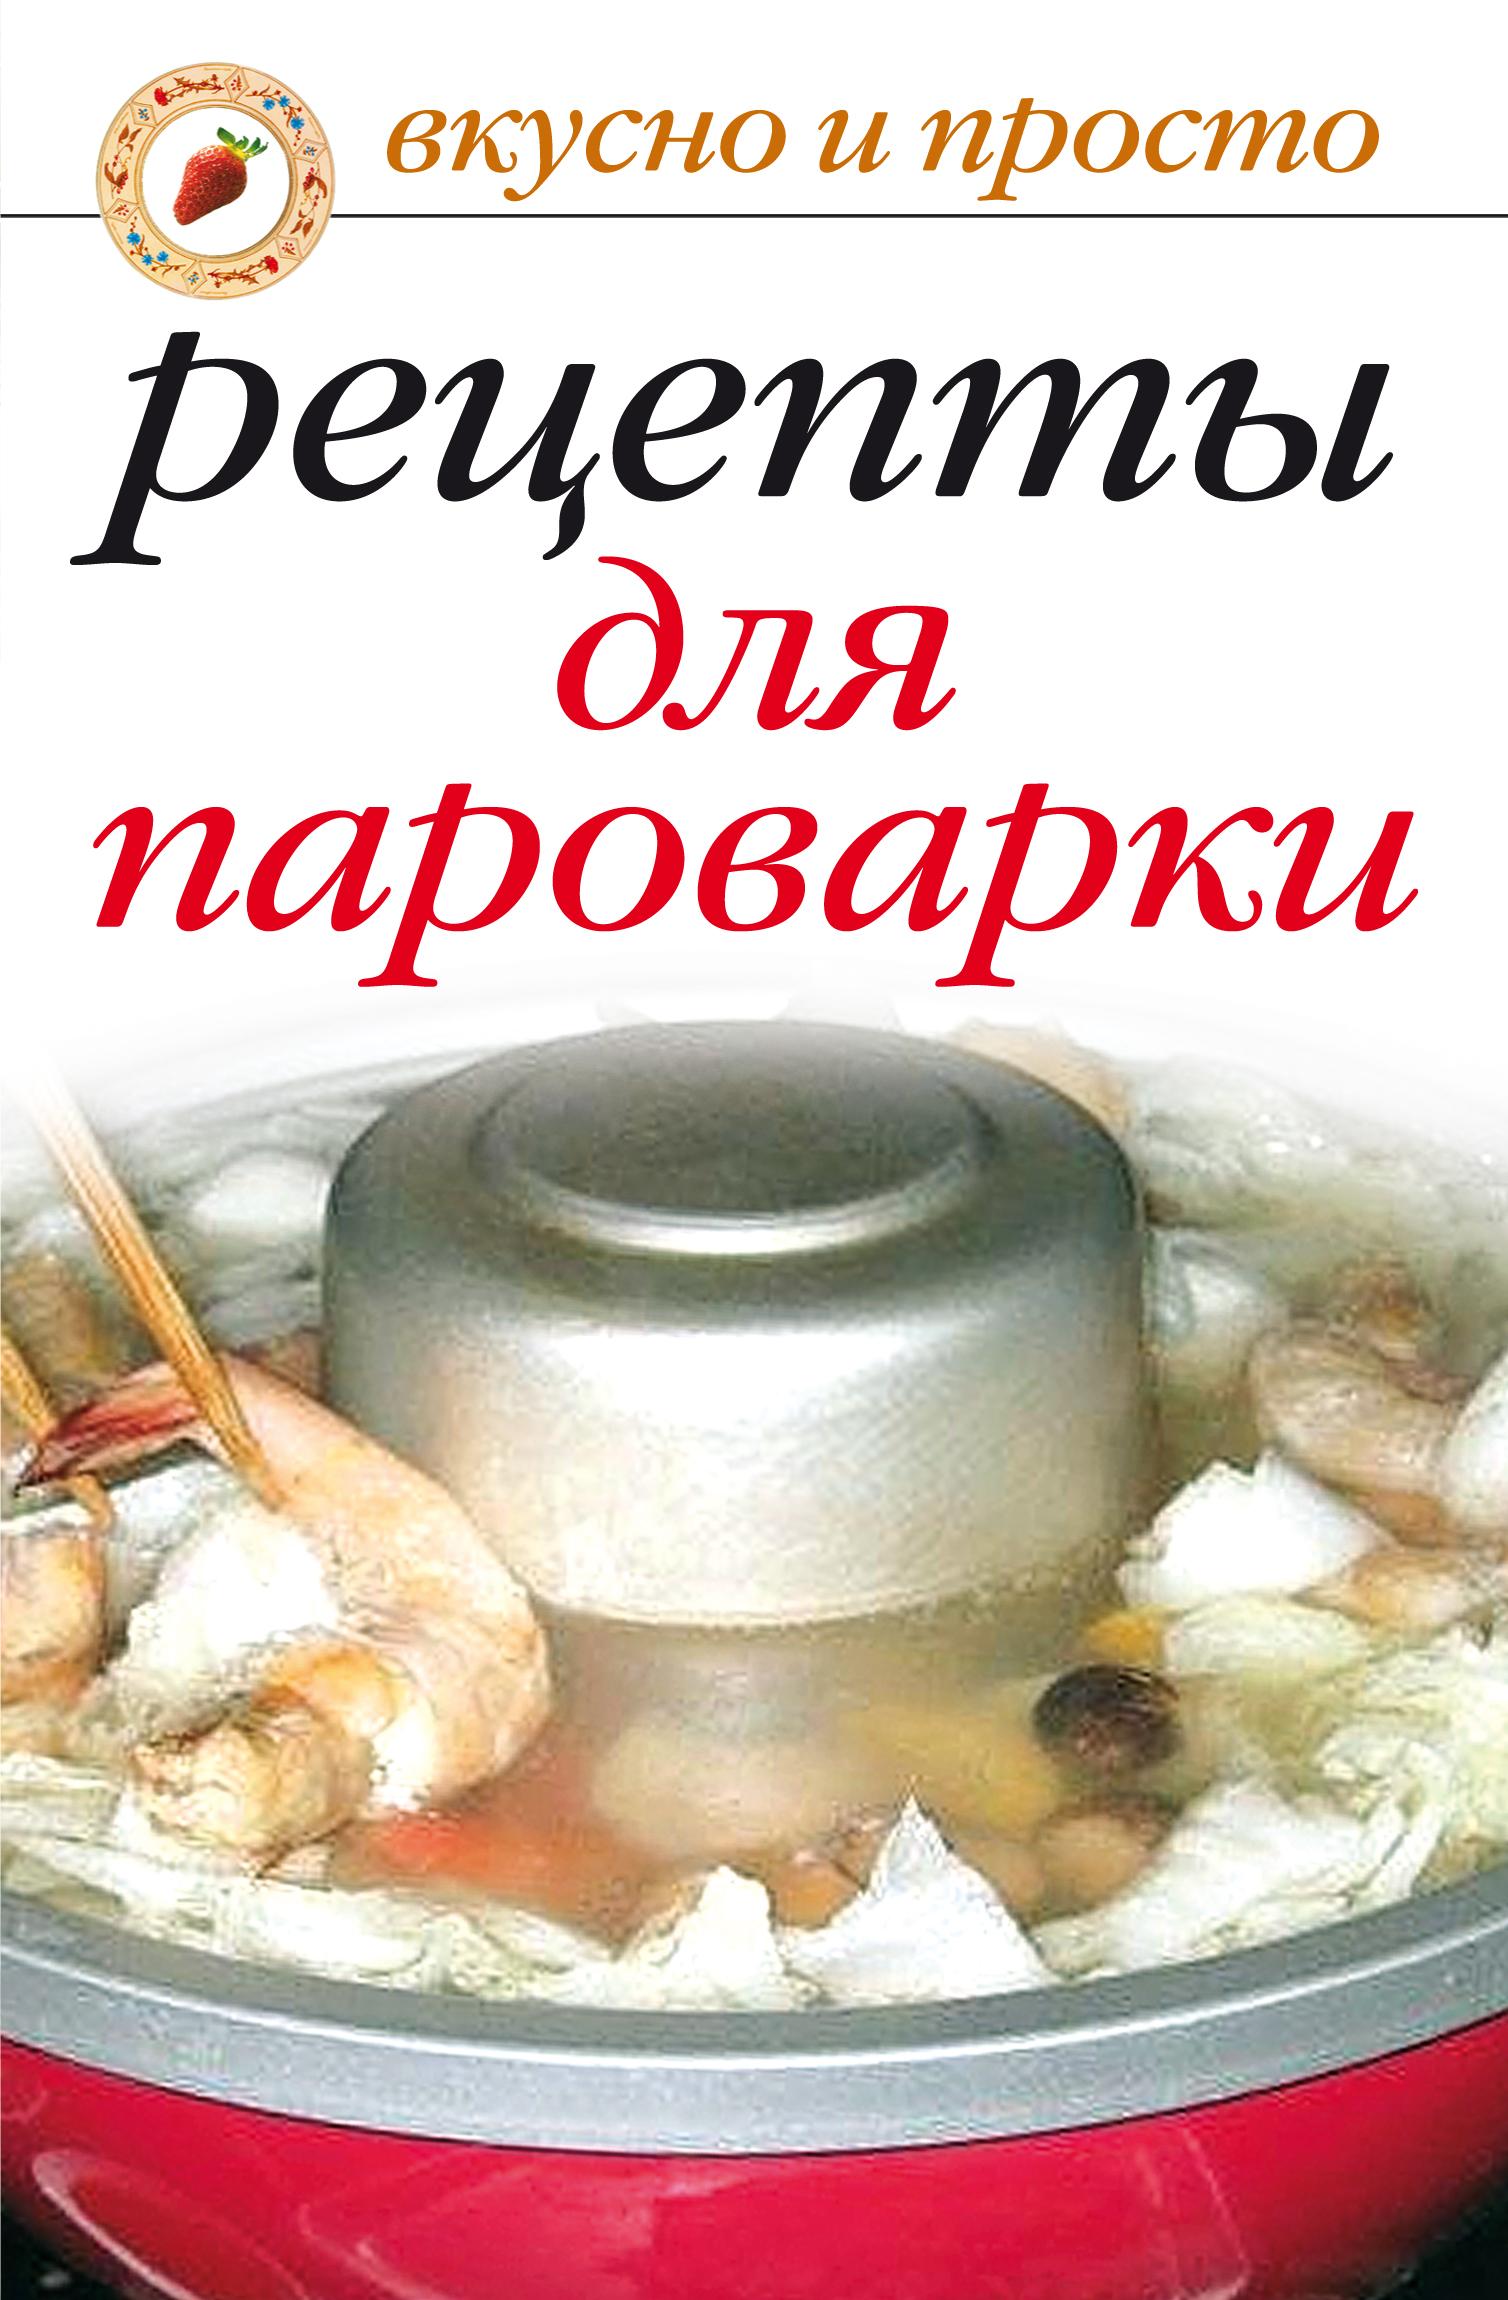 Ирина Аркадьевна Перова Рецепты для пароварки